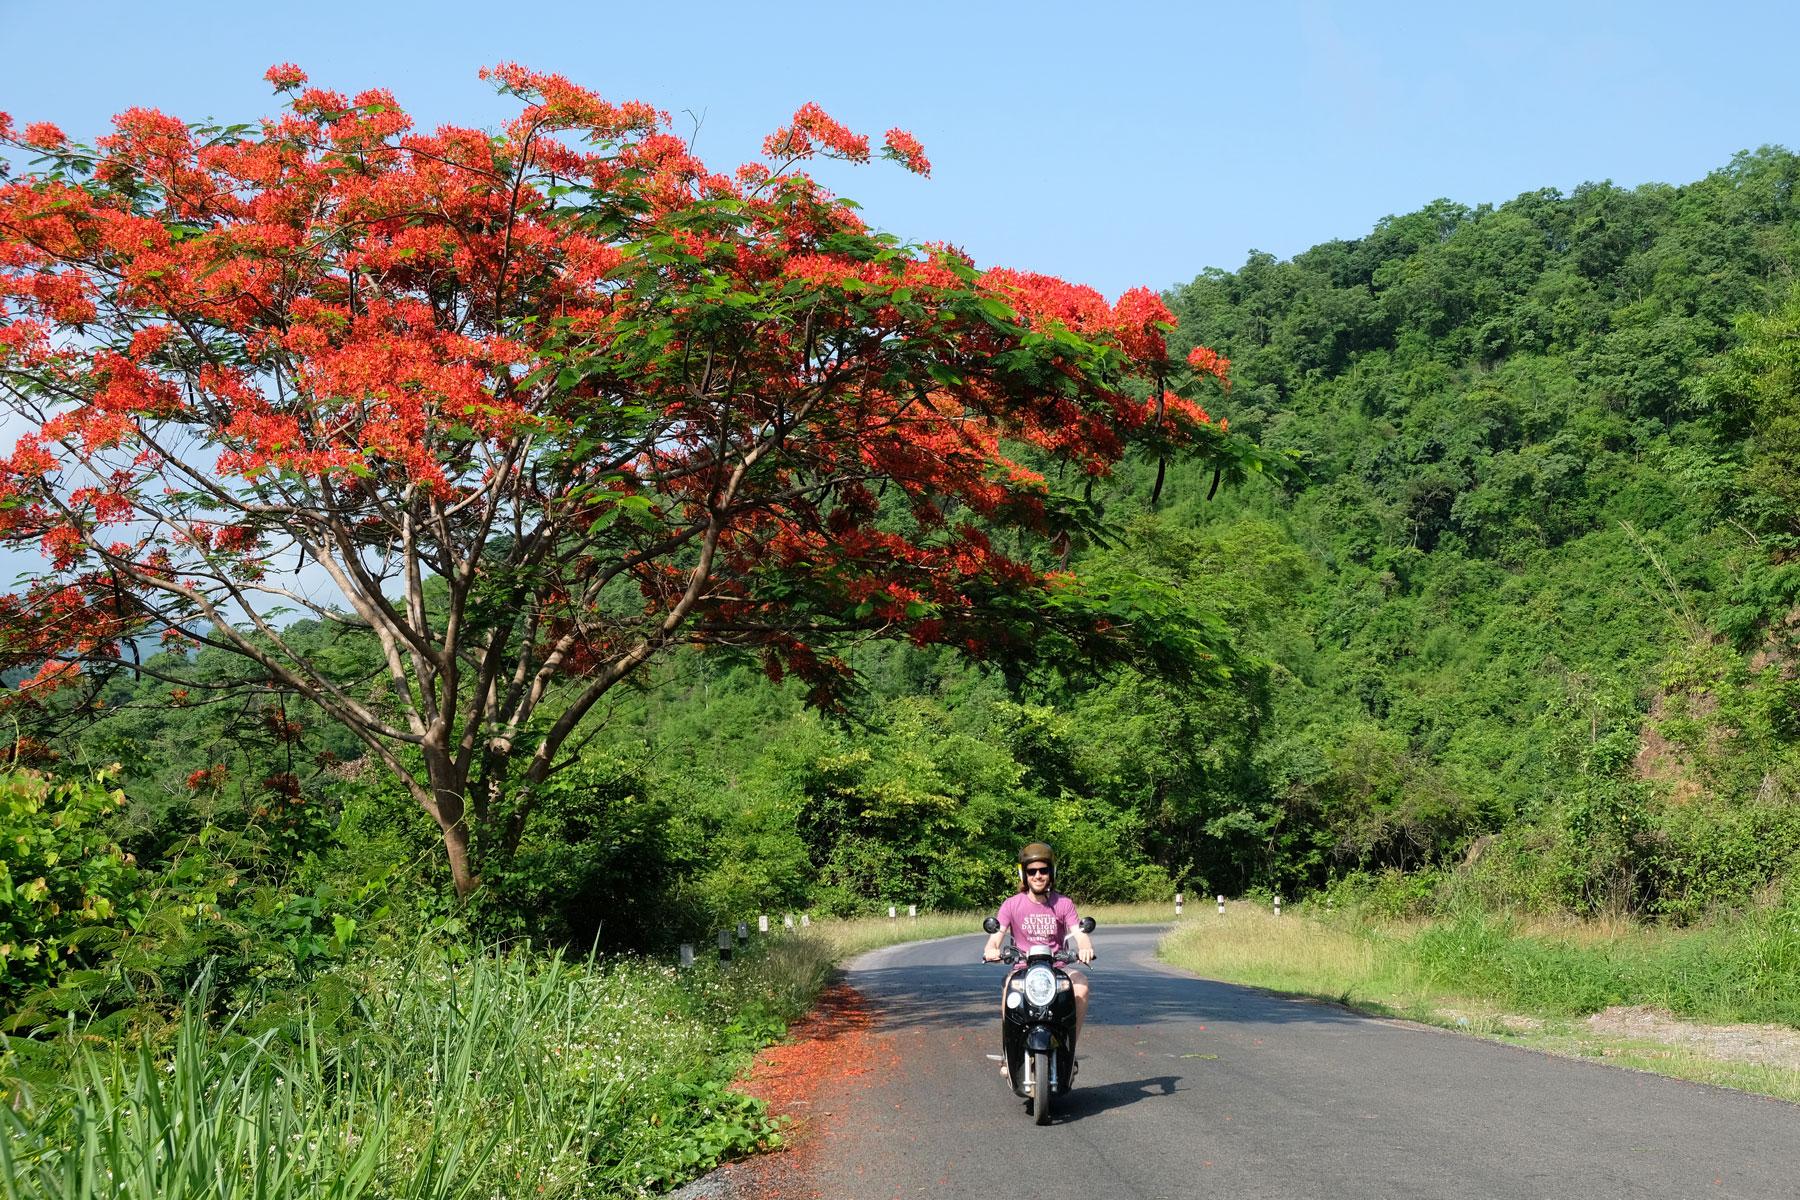 Sebastian fährt mit dem Motorroller unter einem rot blühenden Baum durch.